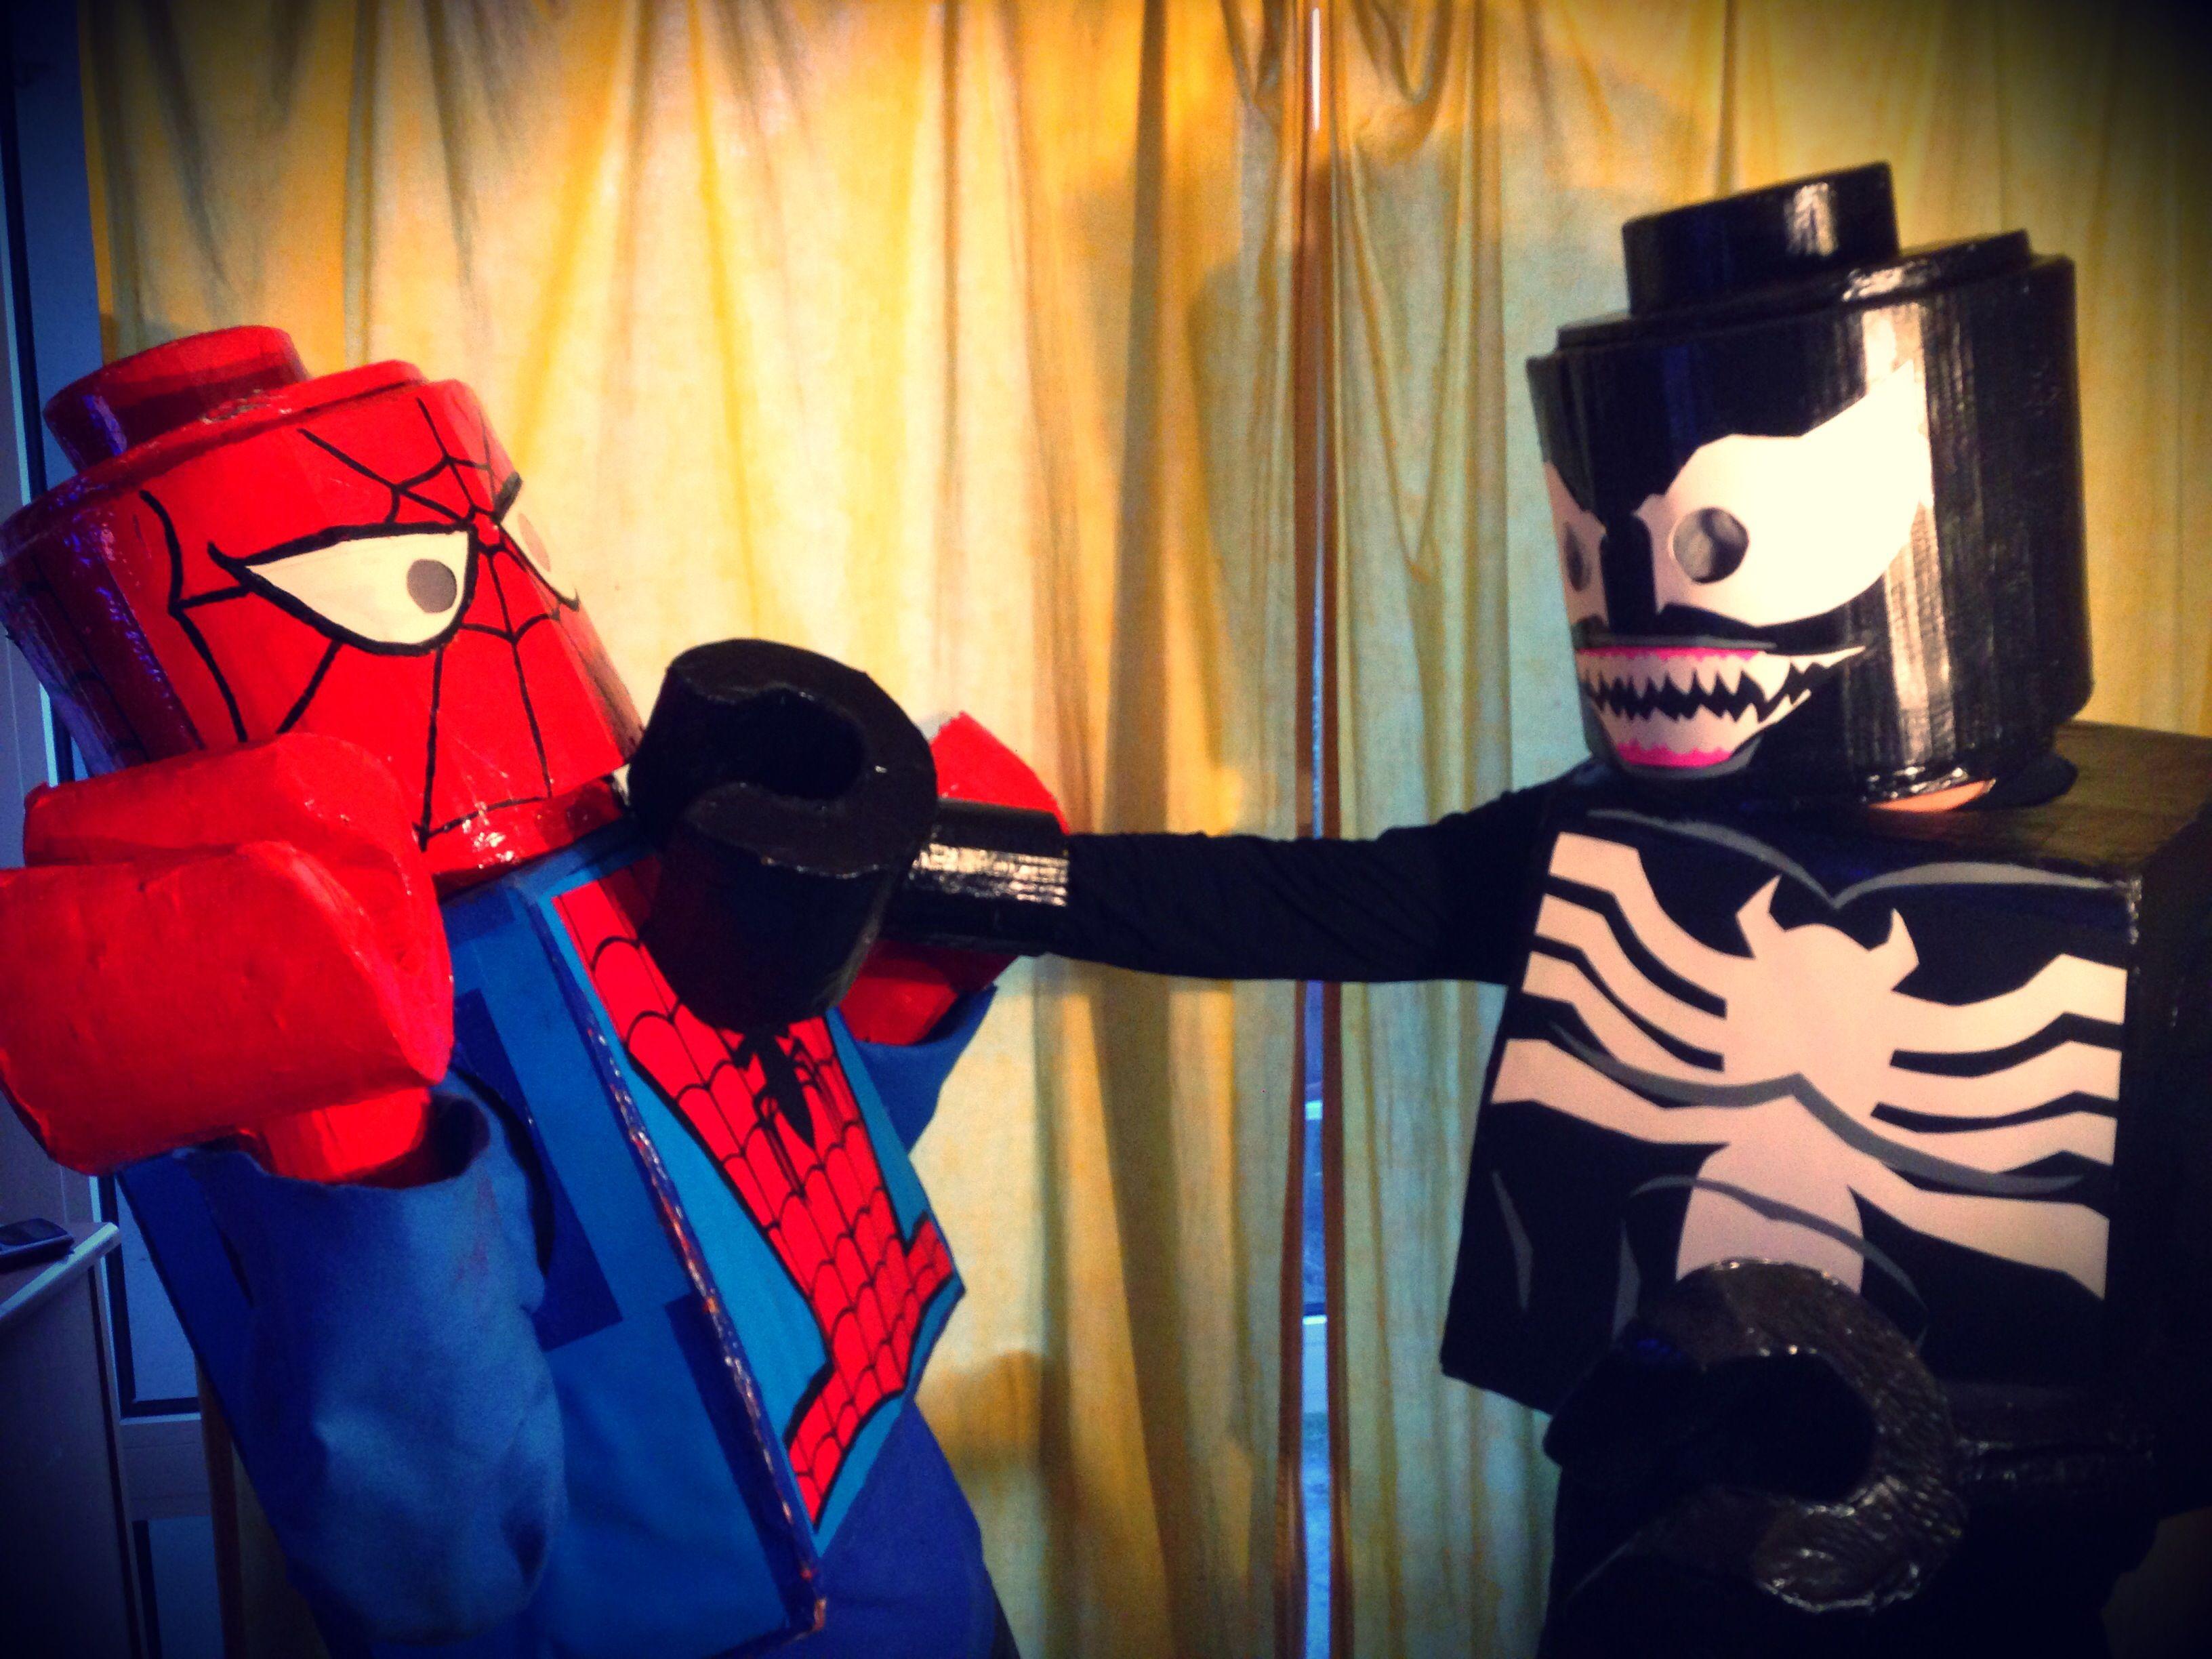 #legospiderman #legovenom #lego #Spiderman #venom